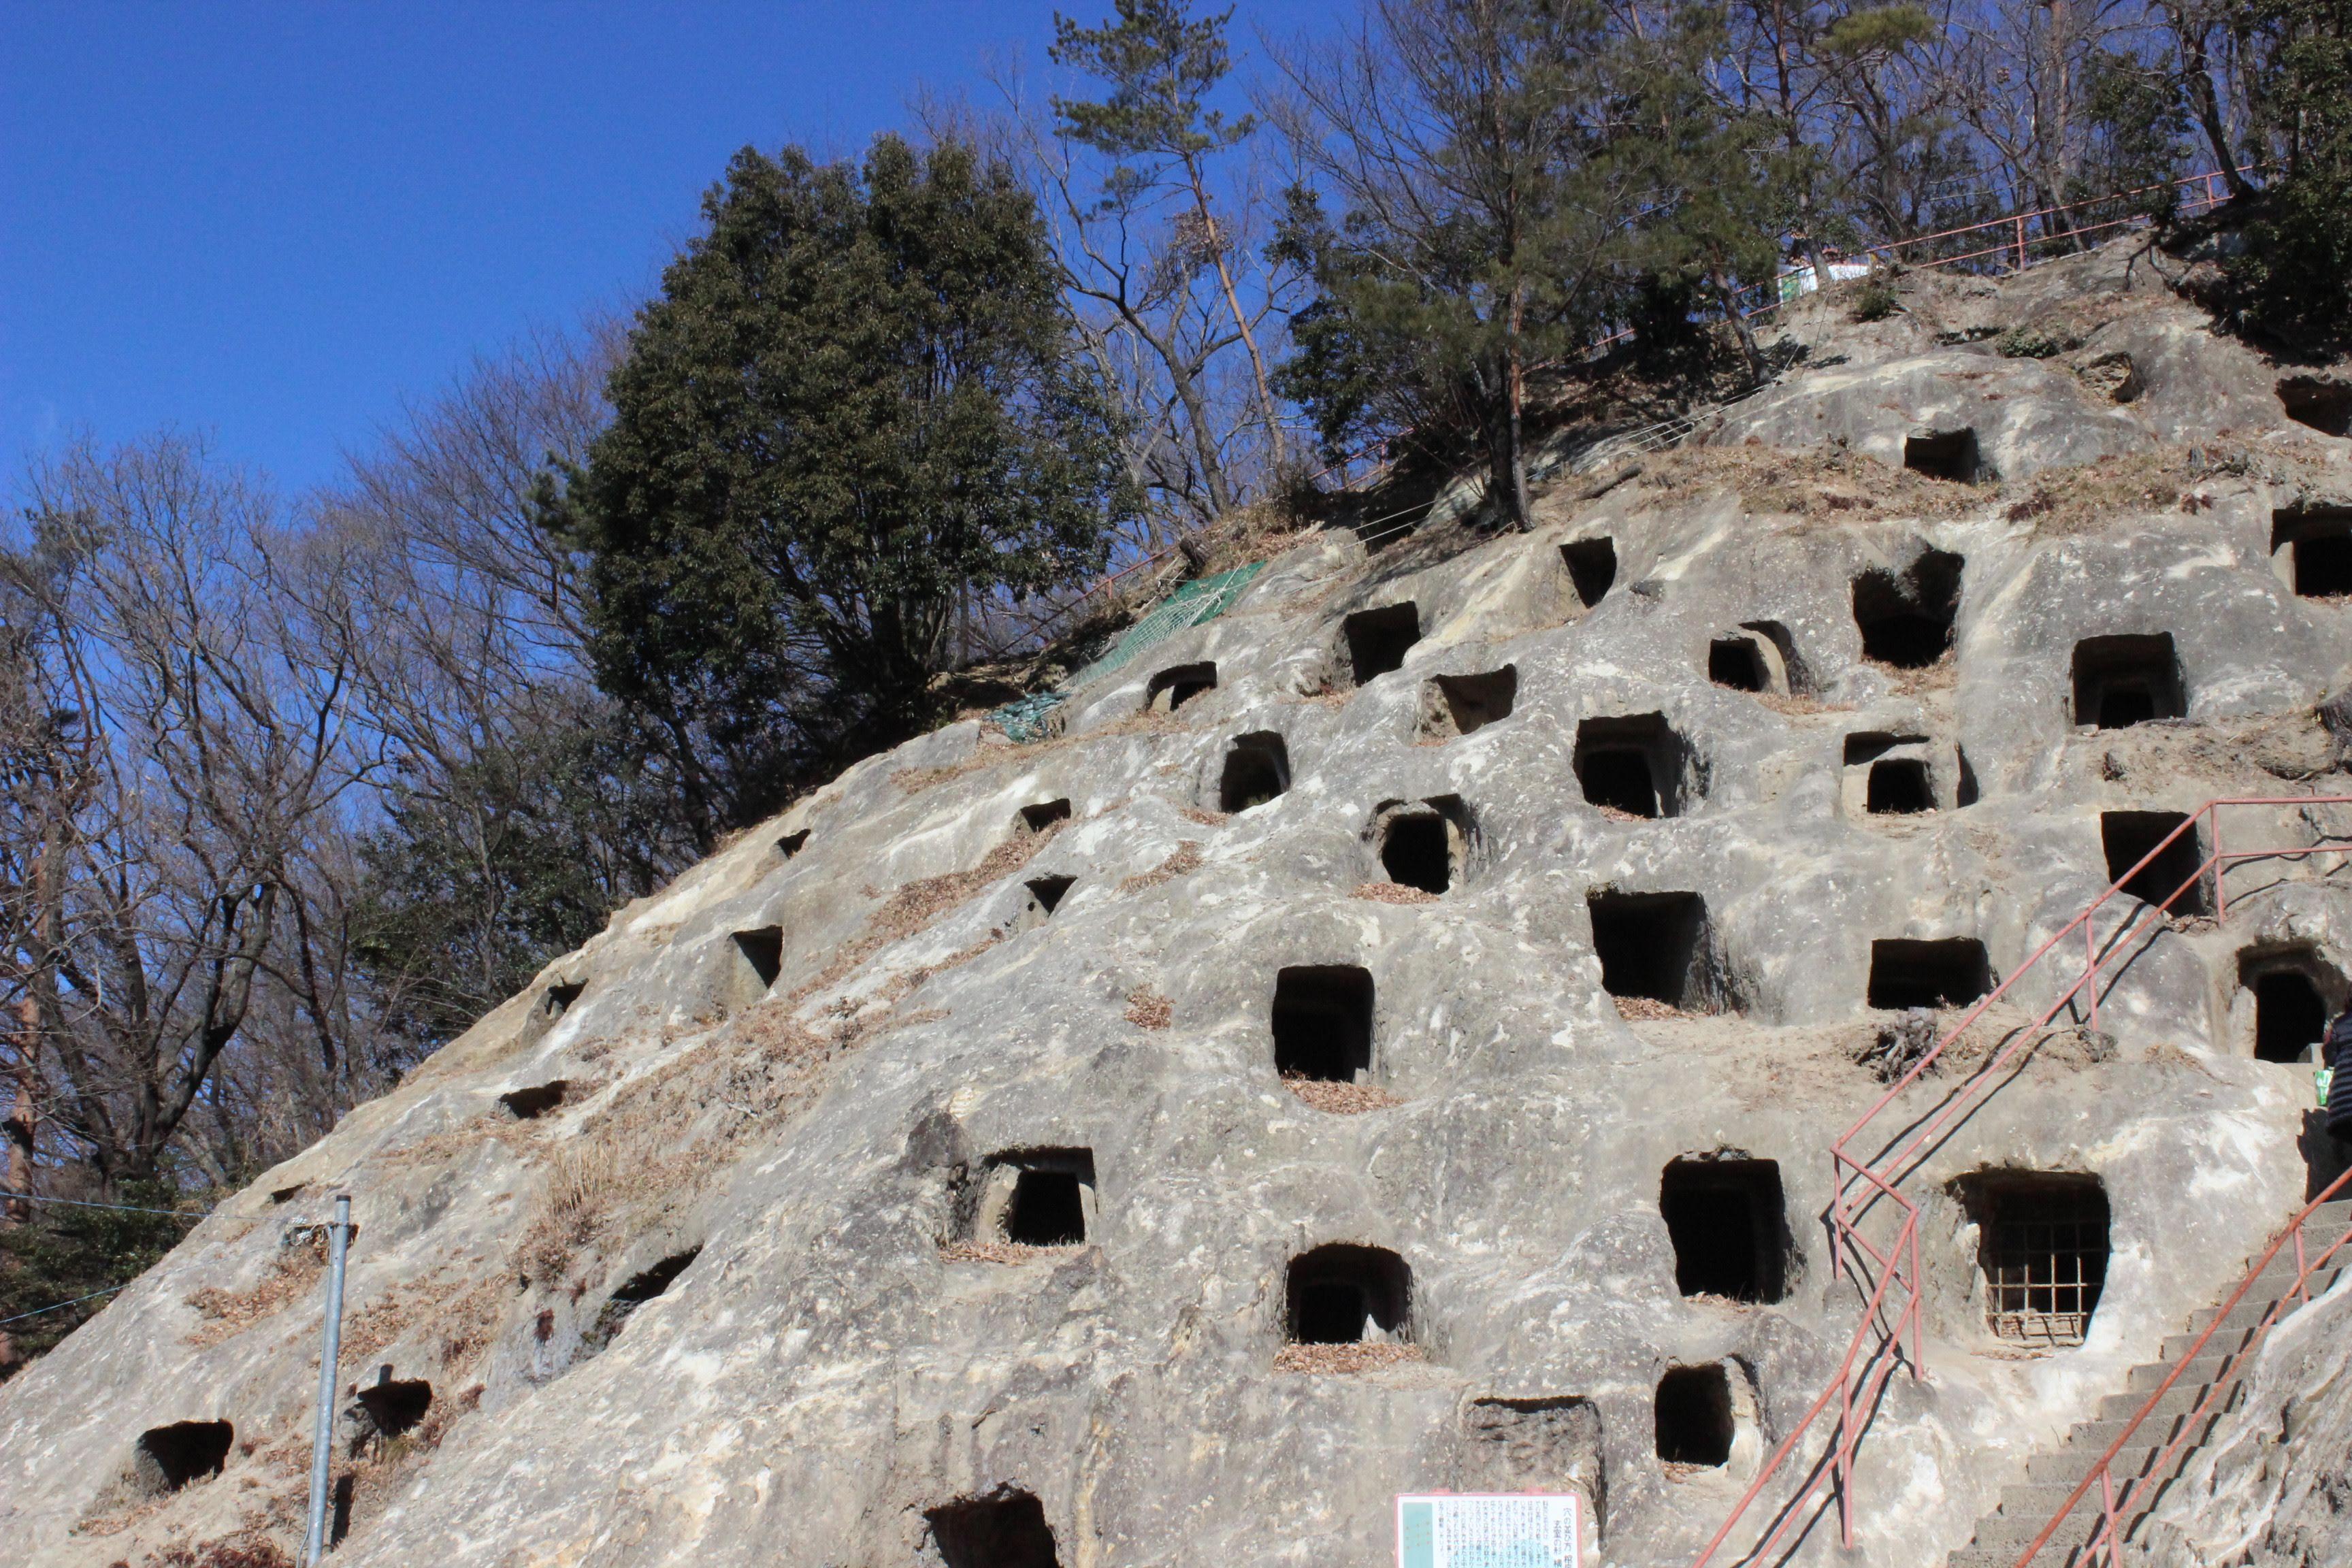 吉見百穴は遺跡と軍事工場の2つの顔をもつ異色の観光地   チエチエふぁーむ